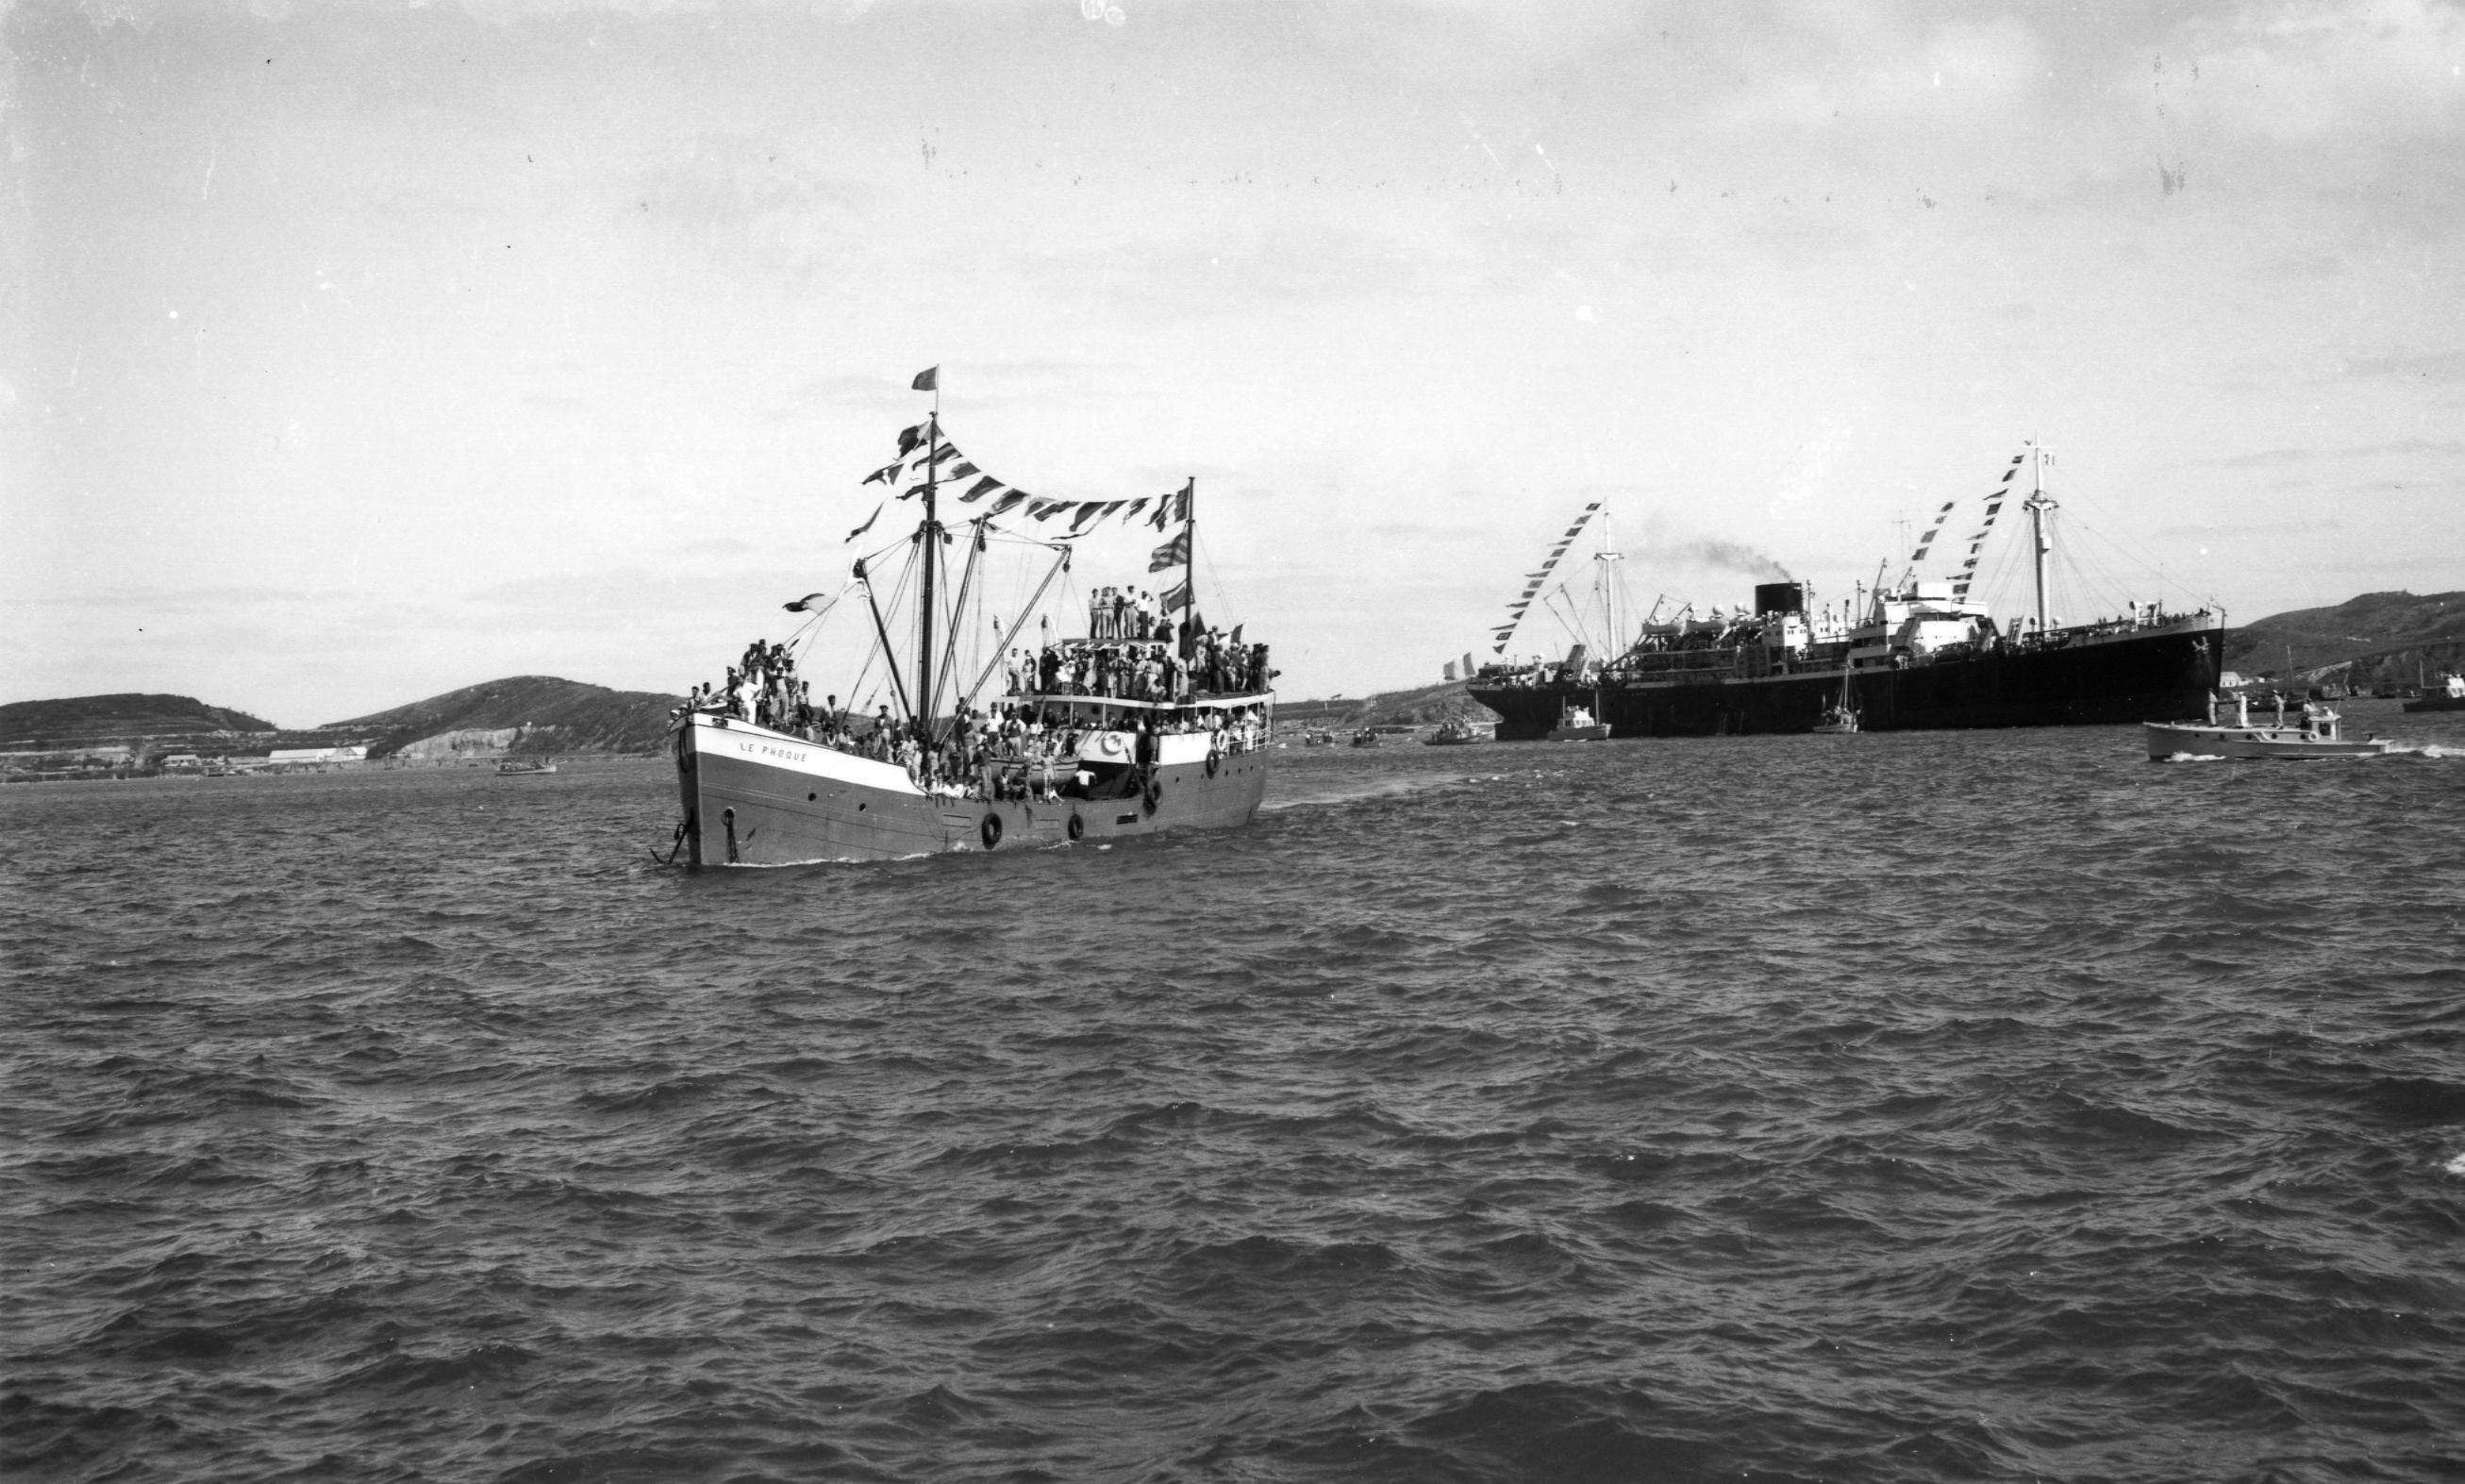 Histoire d'Outre-mer : Il y a 75 ans les survivants calédoniens du Bataillon du Pacifique et des Forces françaises libres rentraient enfin chez eux